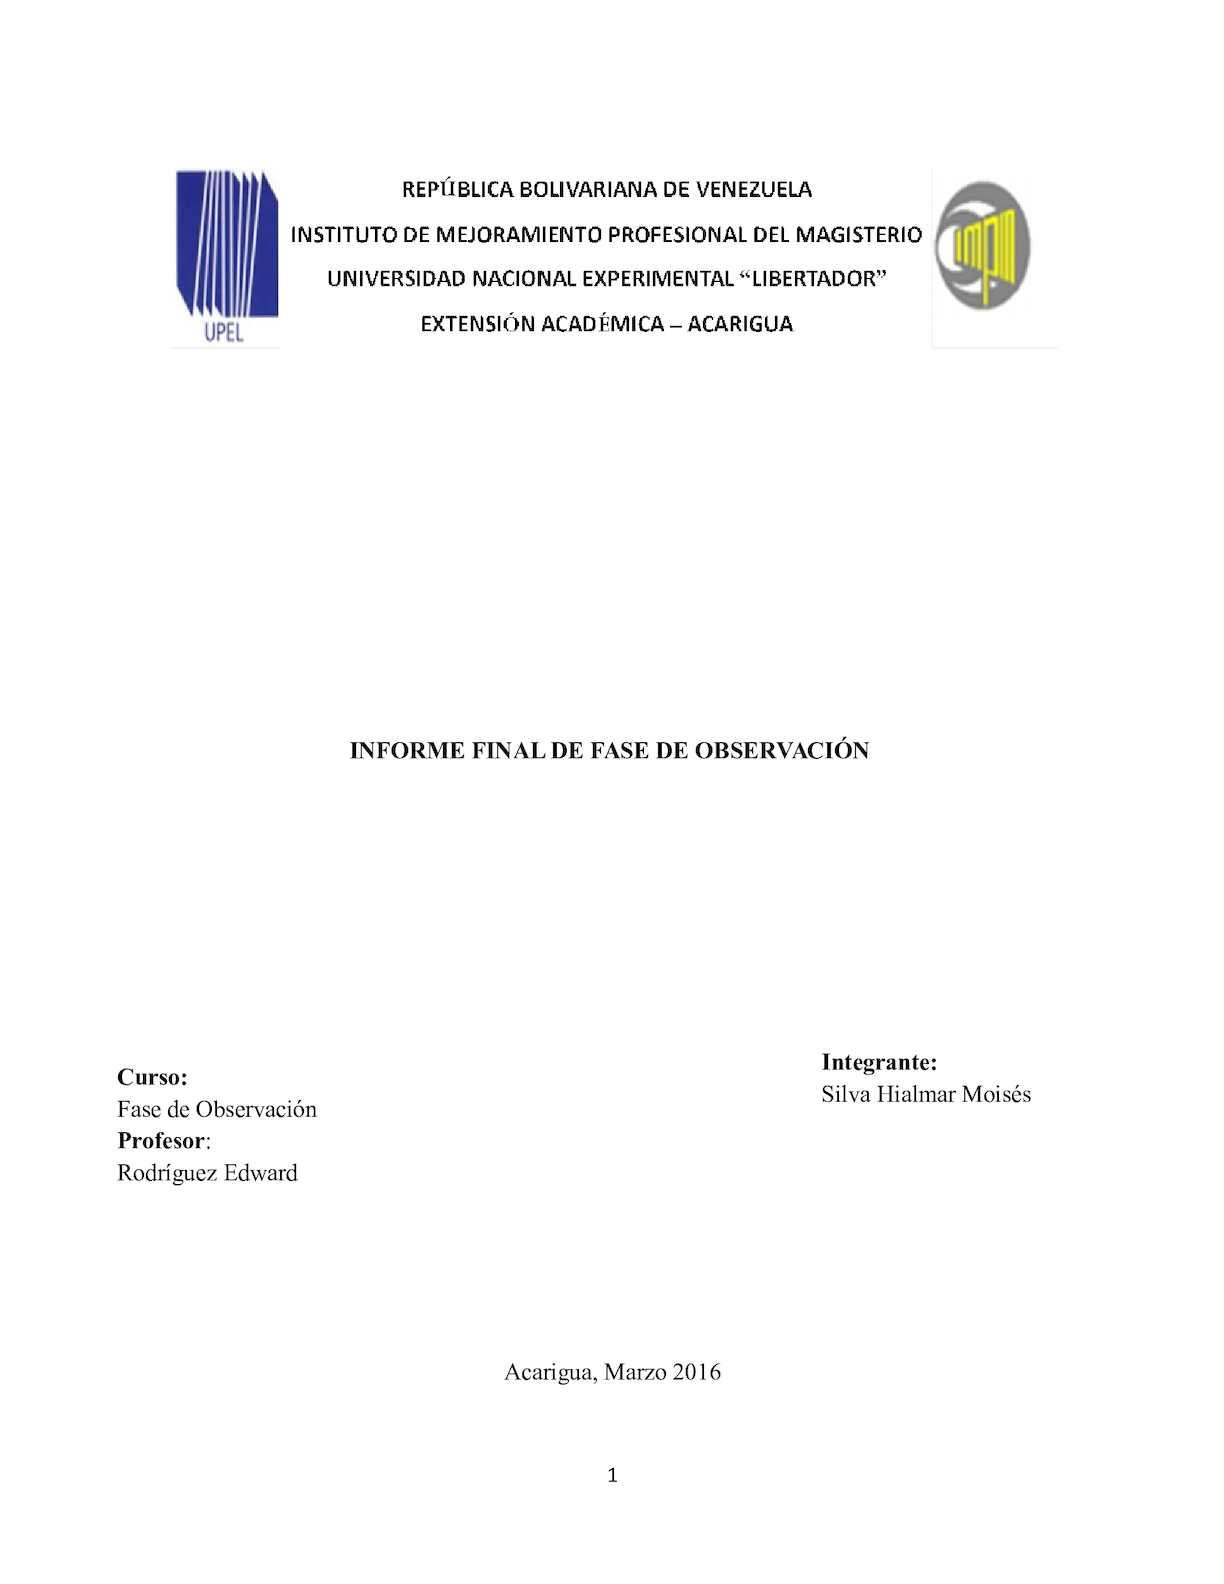 Informe Final De Fase De Observación